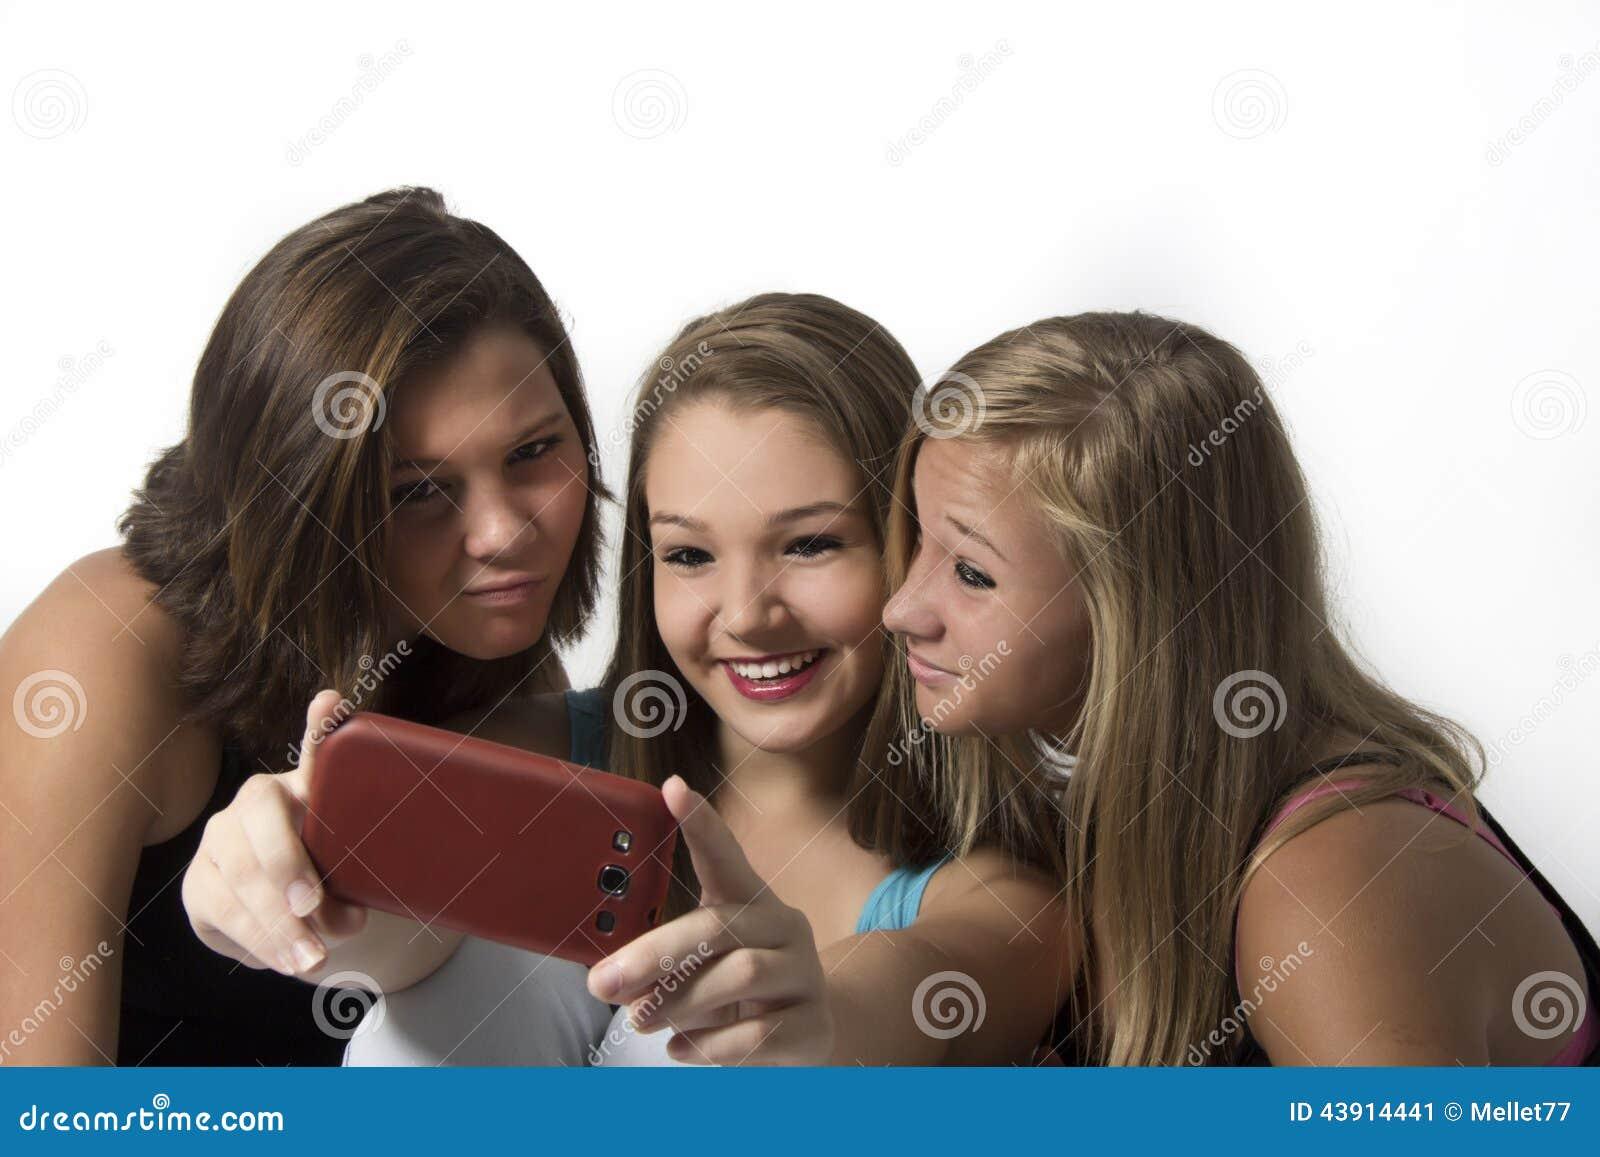 Group selfies Teen girl